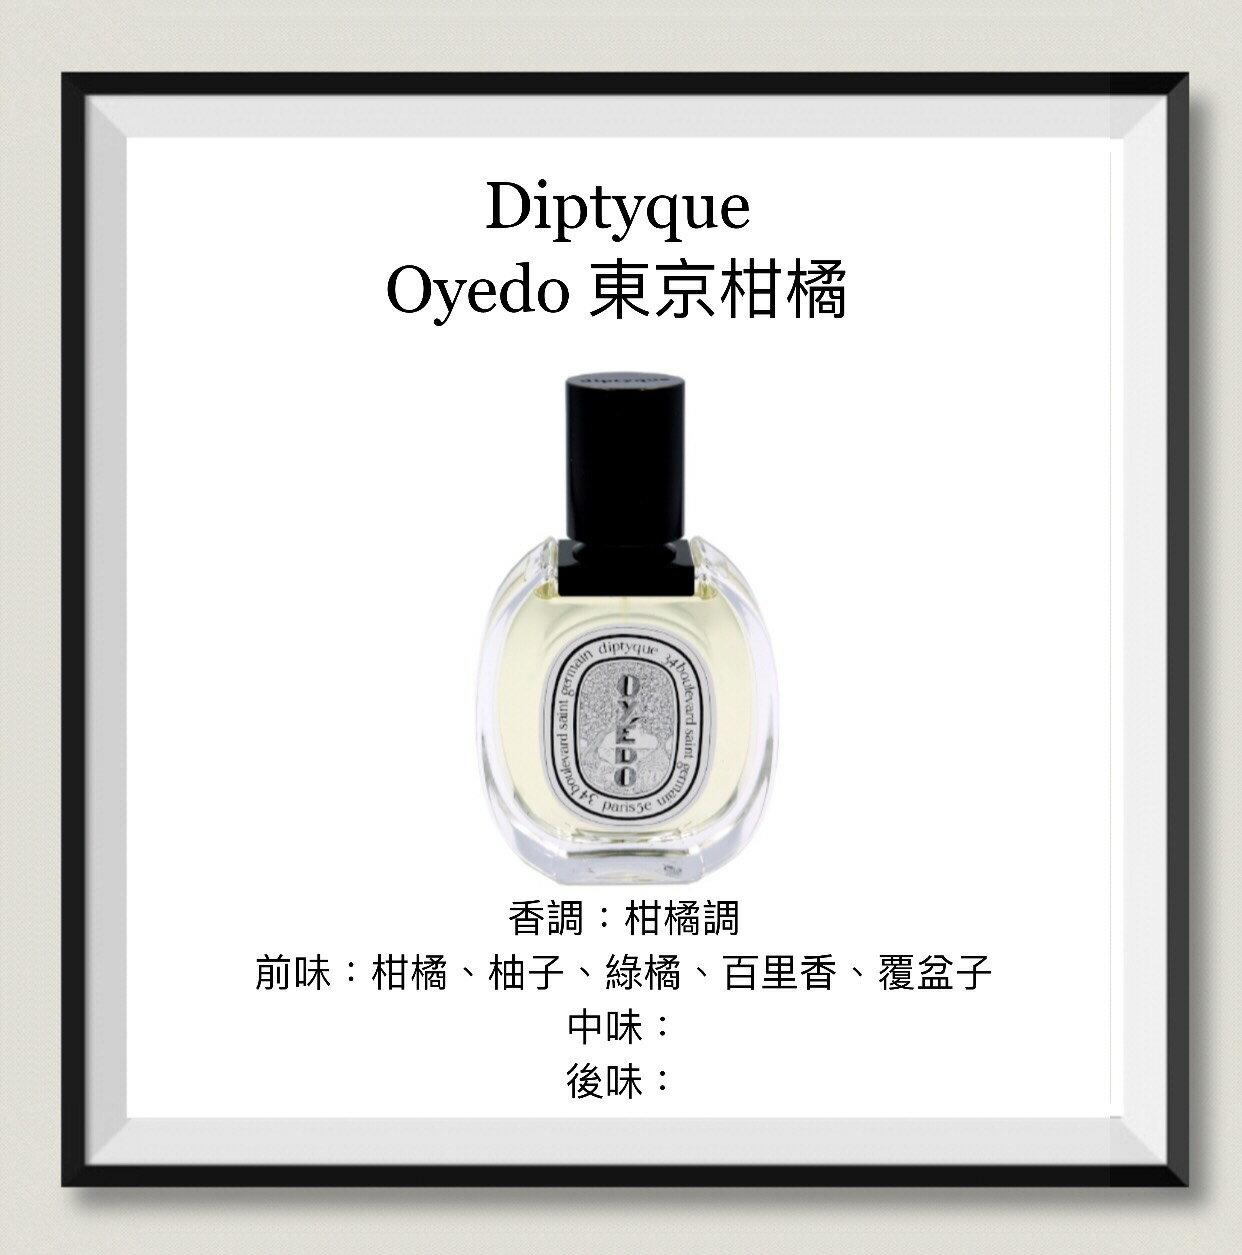 【香舍】Diptyque Oyedo 東京柑橘 中性淡香水 100ML